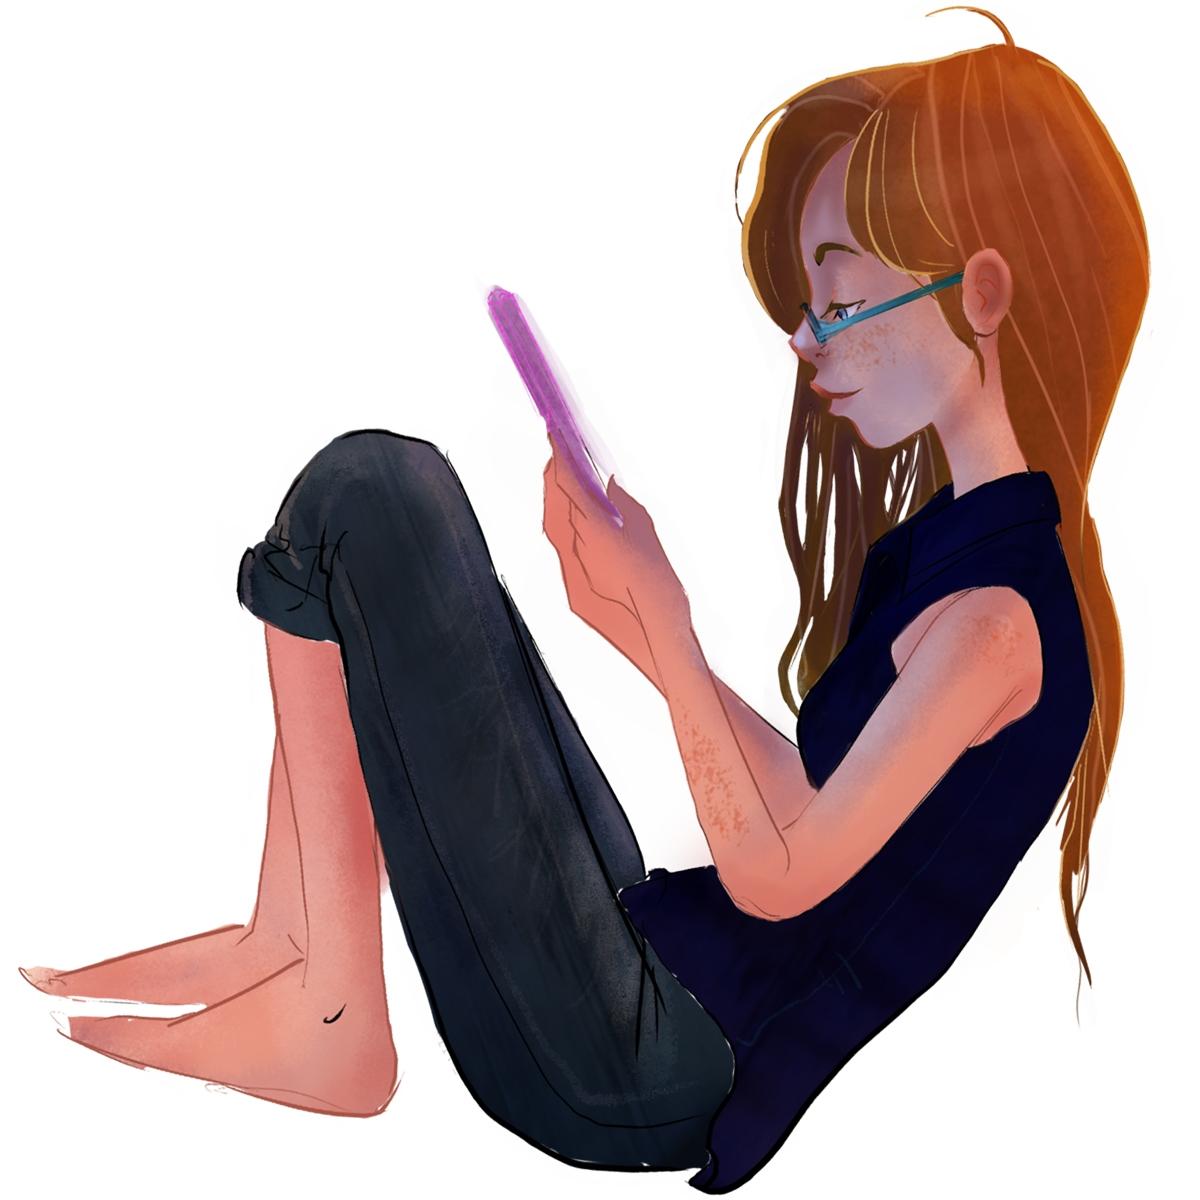 Emily - characterdesign, character - acknebar | ello